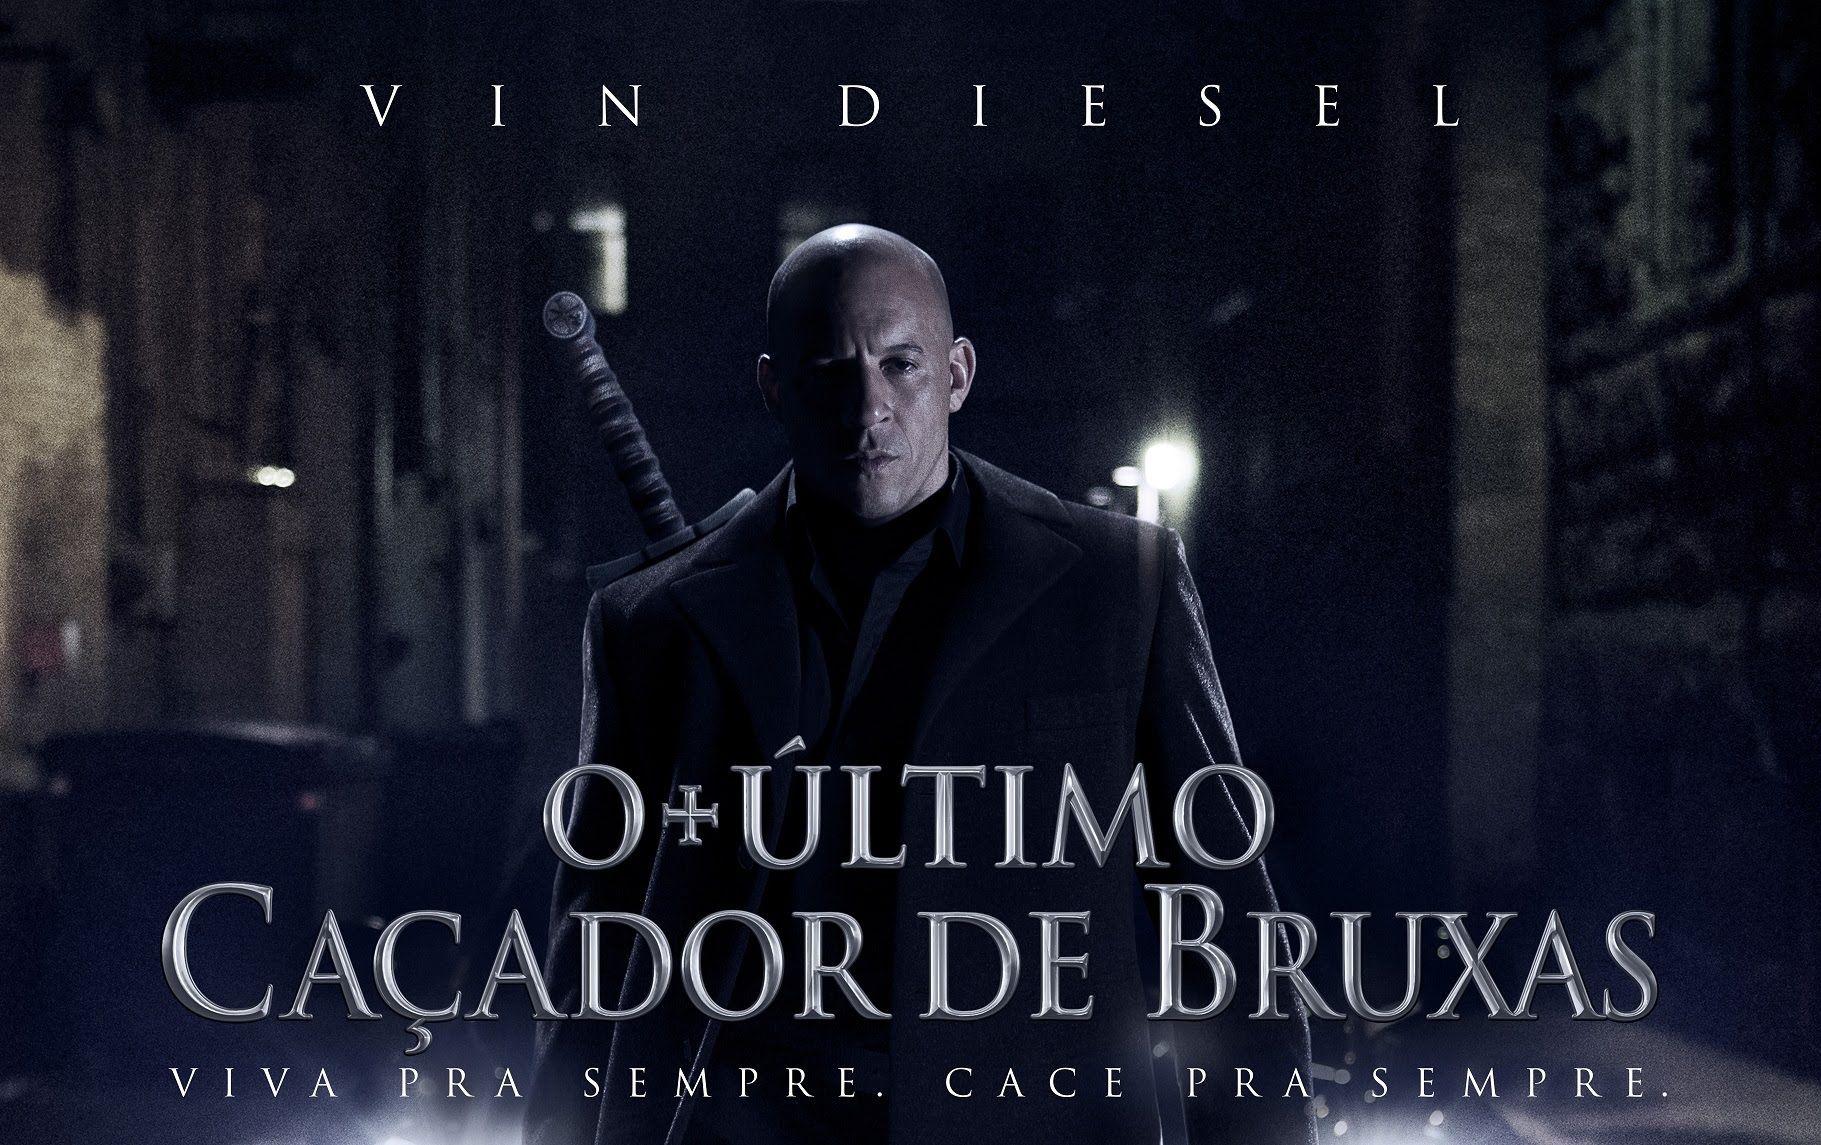 O Último Caçador de Bruxas - 29 de outubro nos cinemas